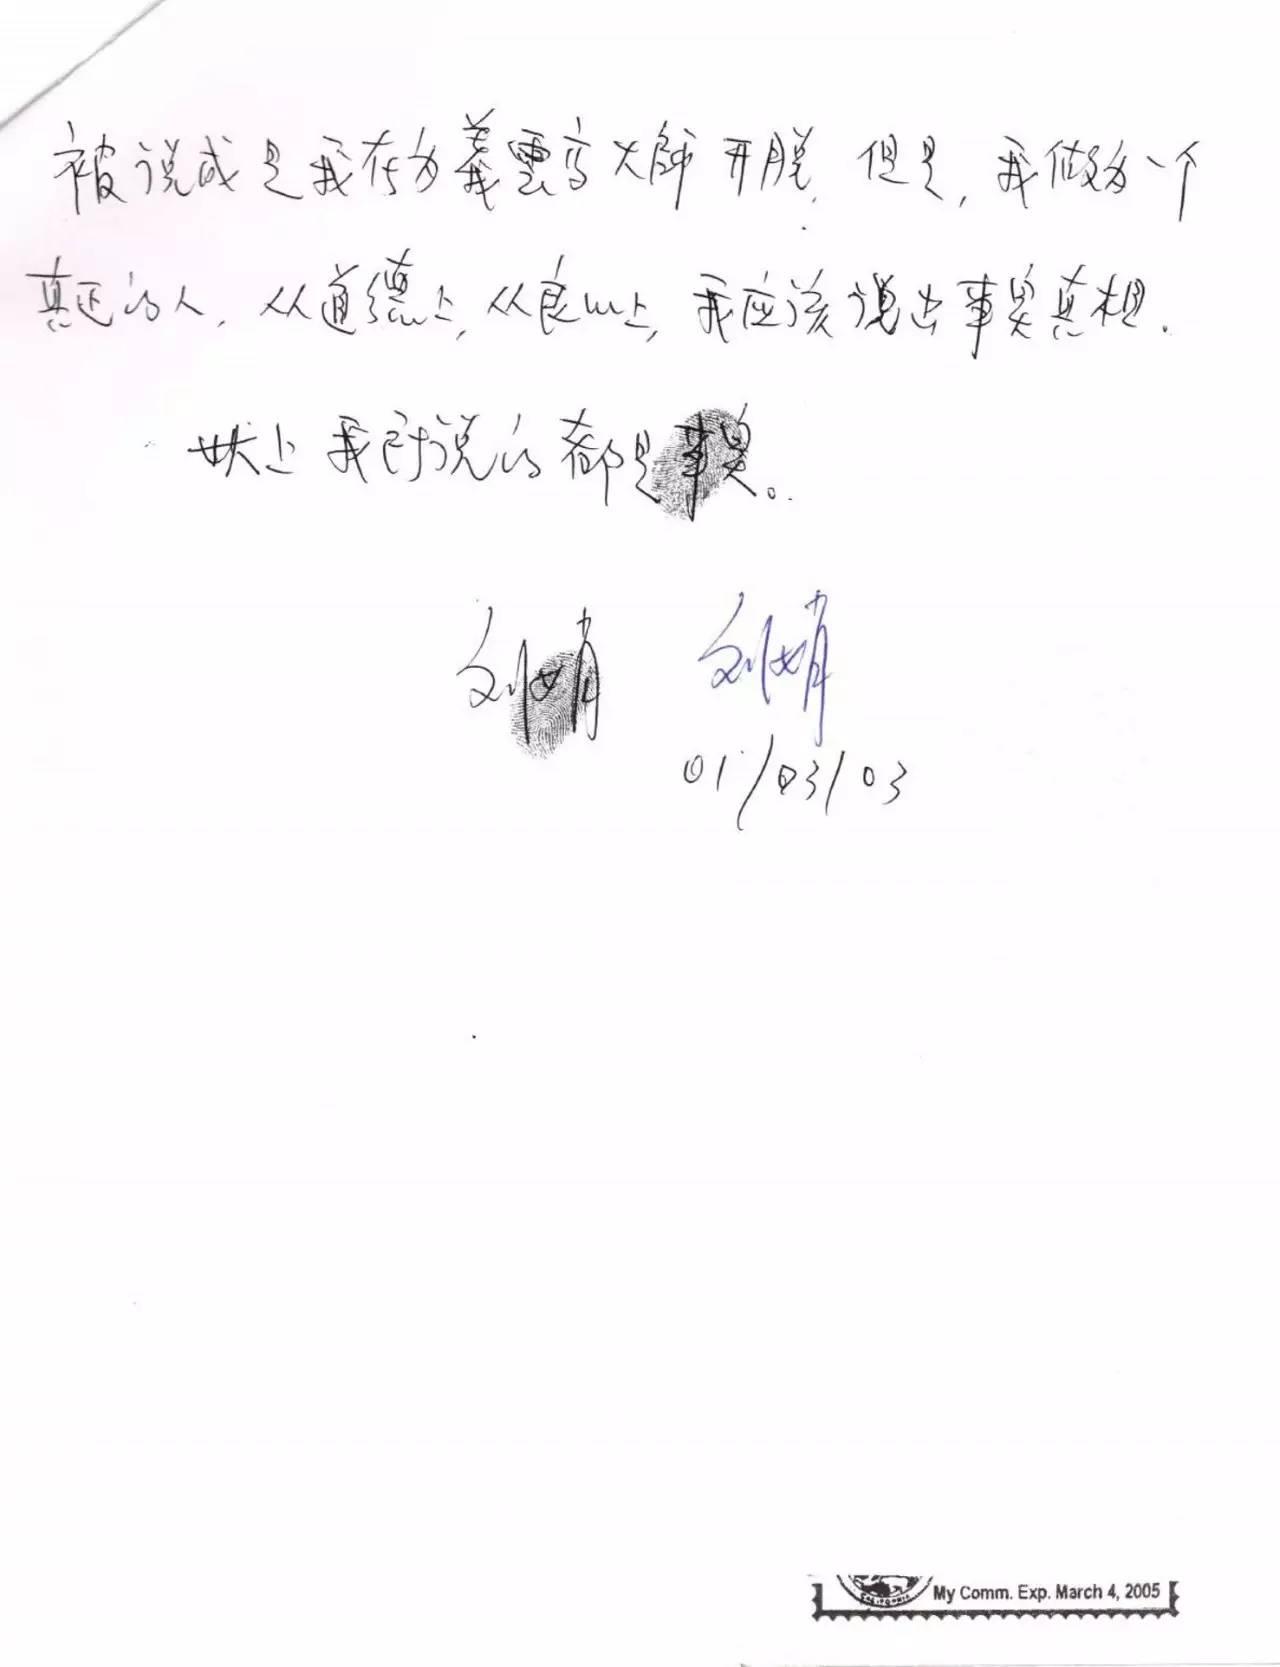 周永康陈绍基陷害第三世多杰羌佛真相曝光 第21张